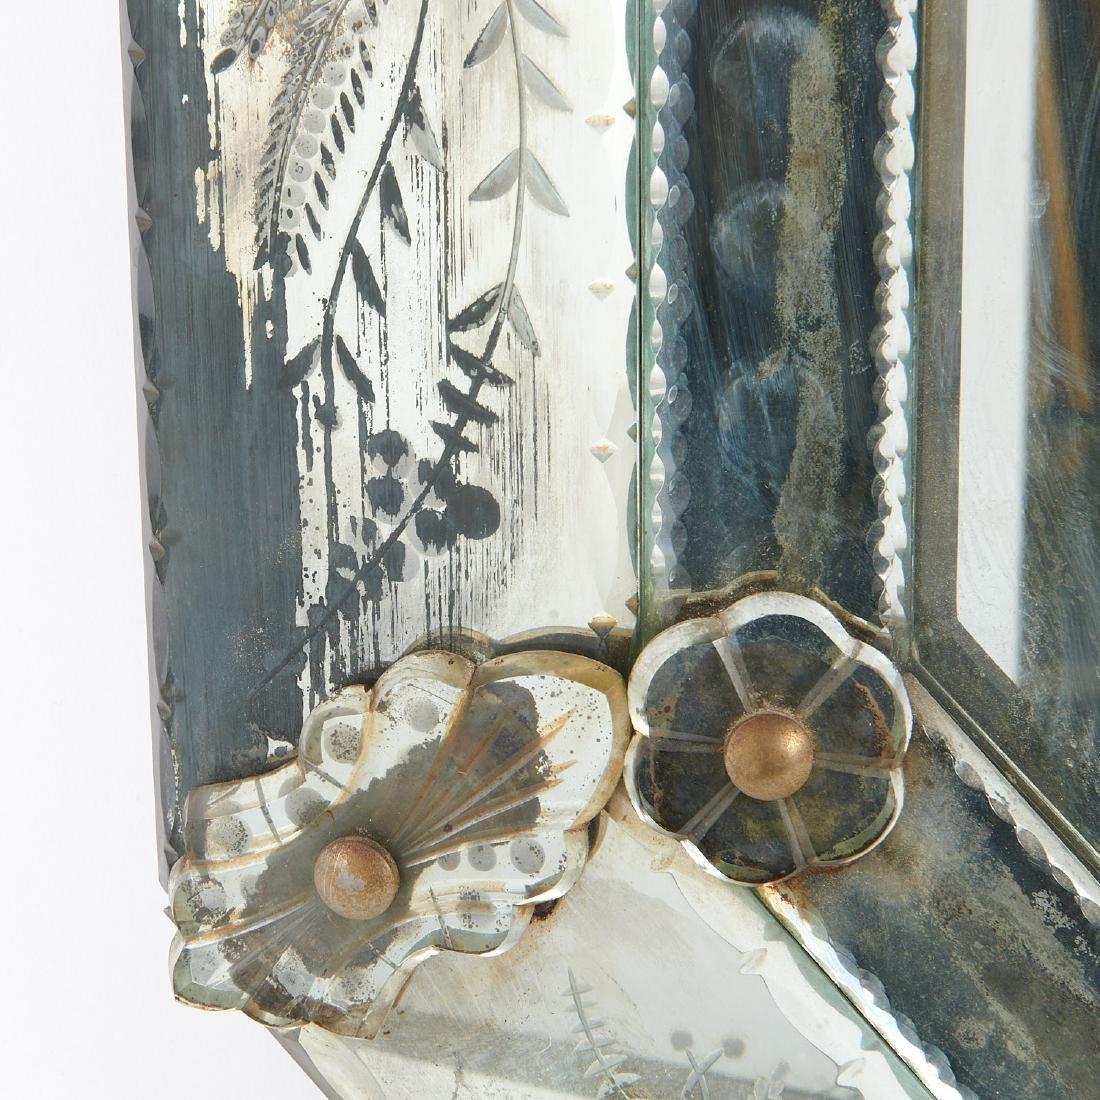 Harlequin pair Venetian style glass mirrors - 9